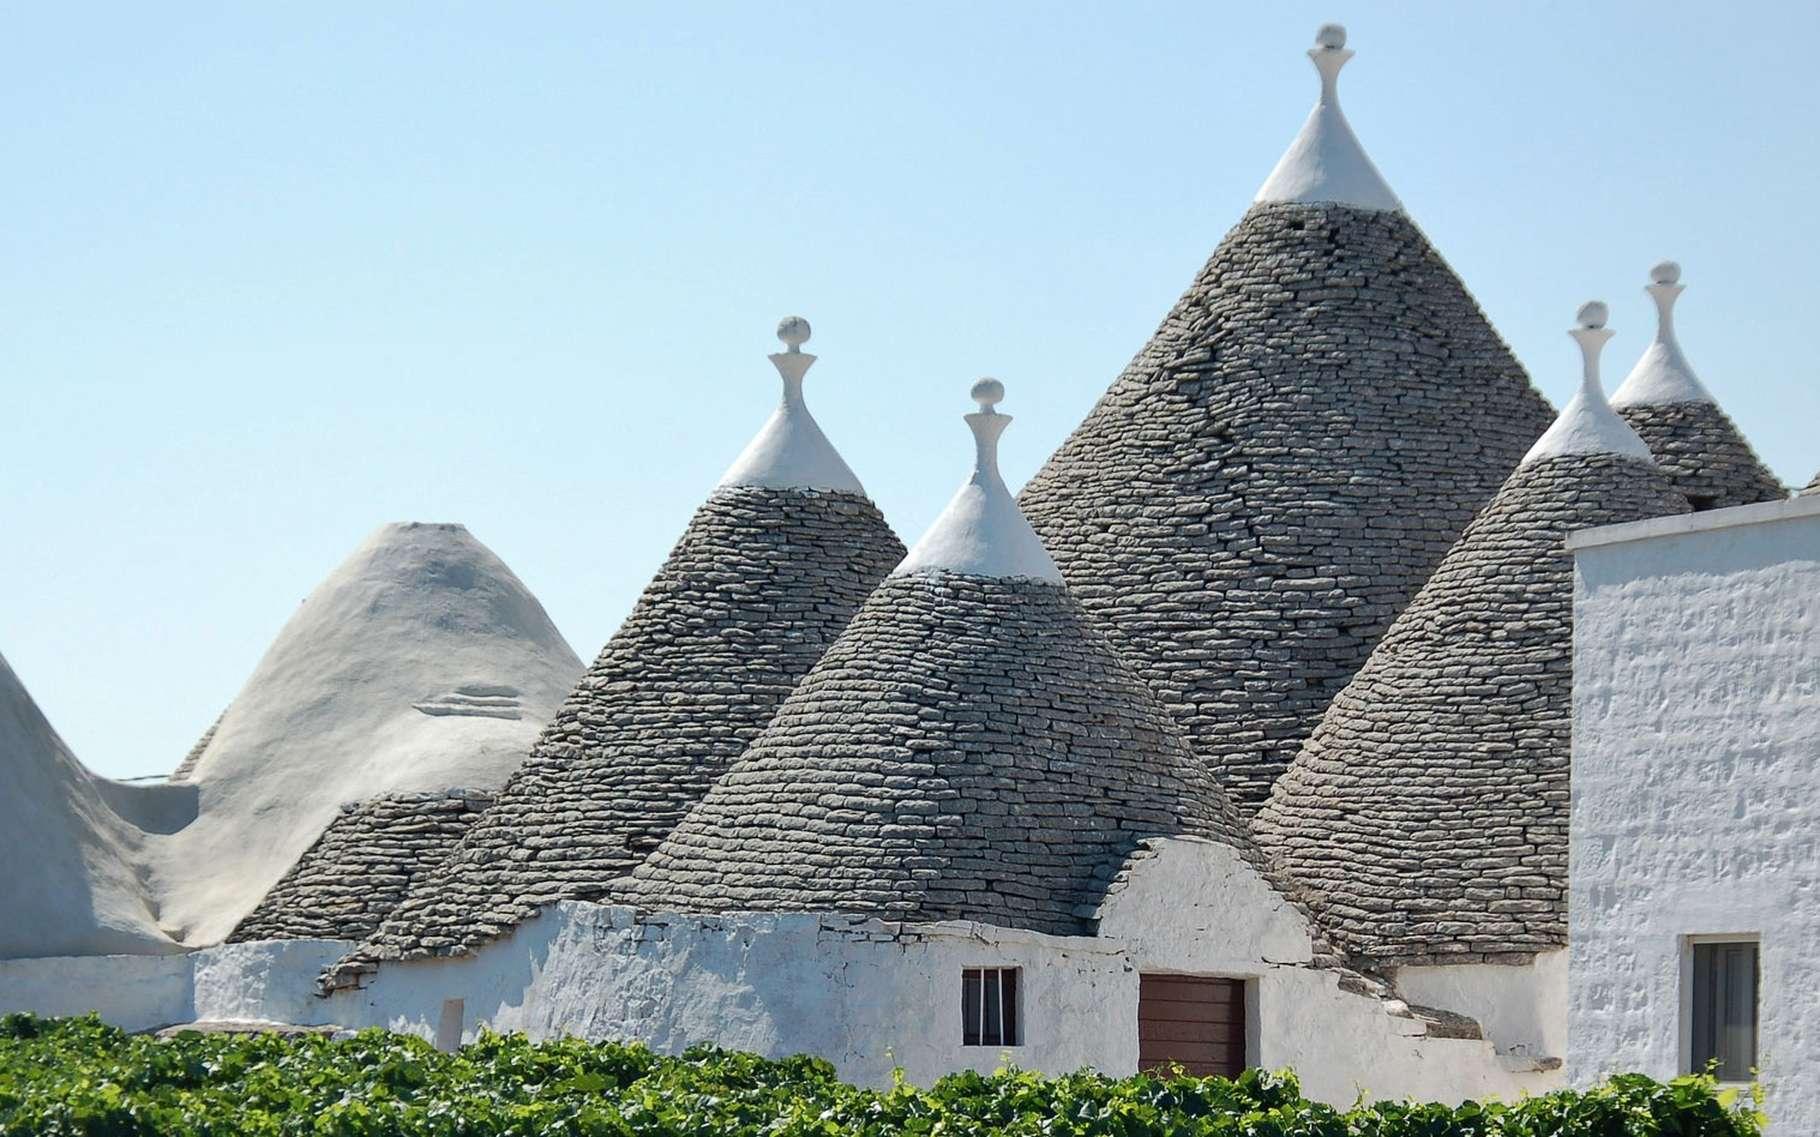 Vue sur les toitures coniques des maisons de Puglia, Italie. © Svb2016, Pixabay, Domaine Public